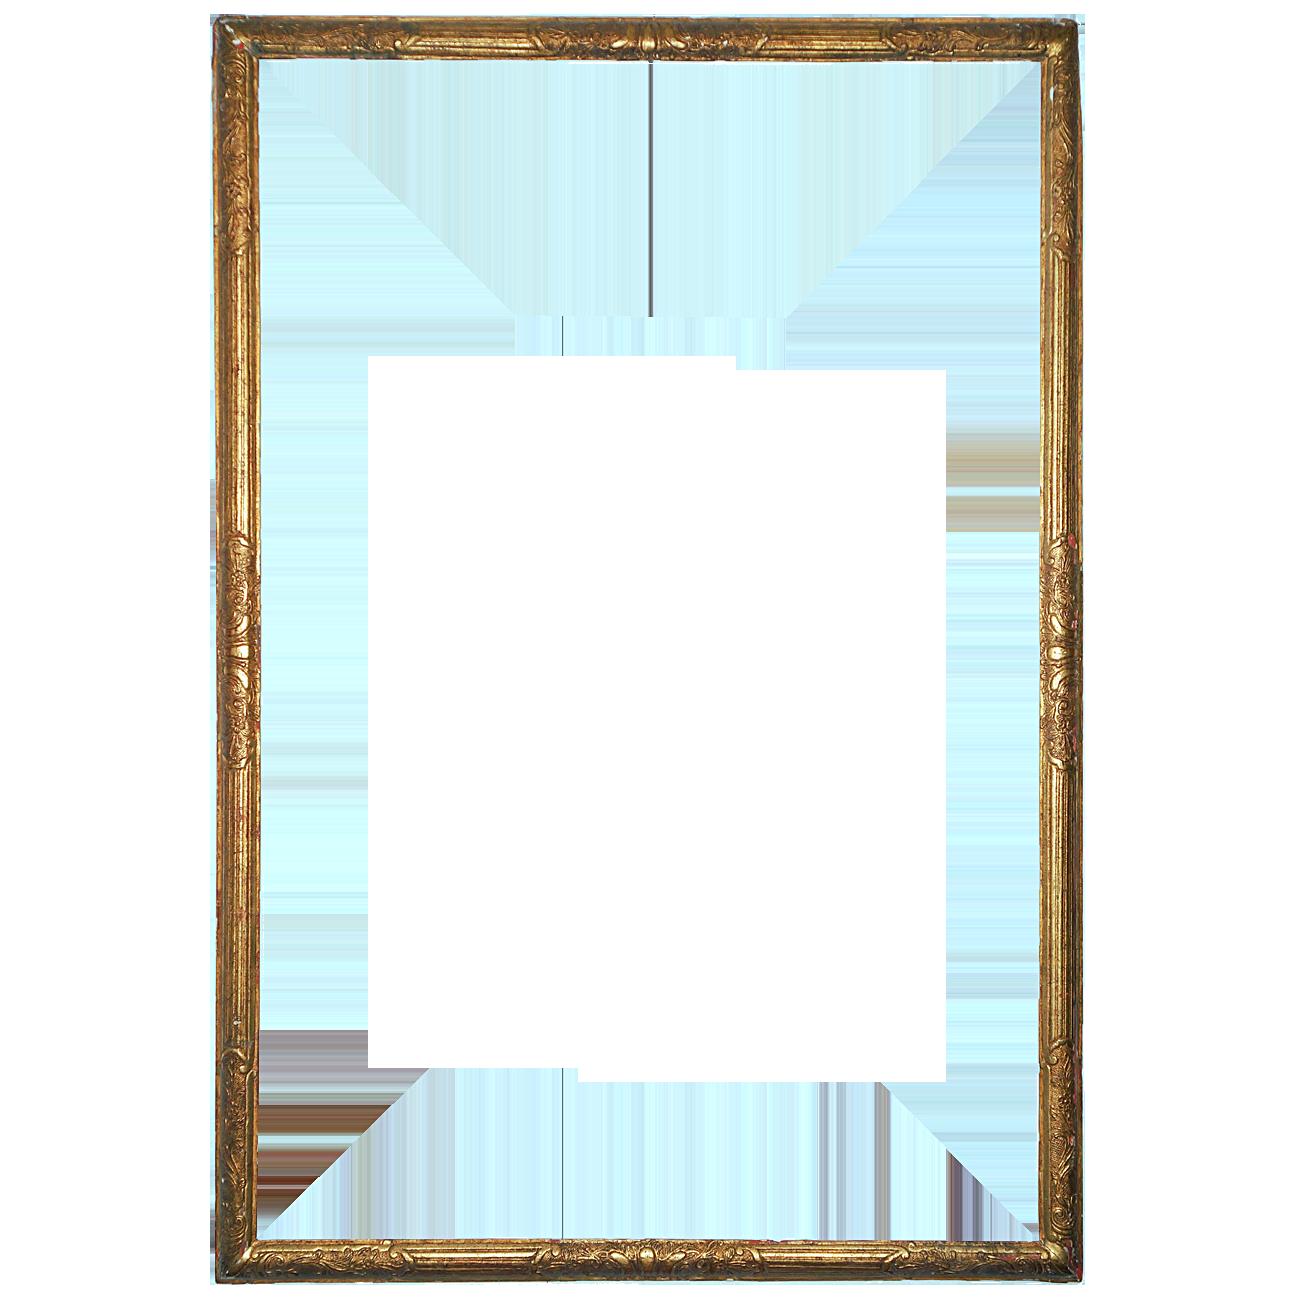 Rococo Mirror Frame - Antike Rahmen